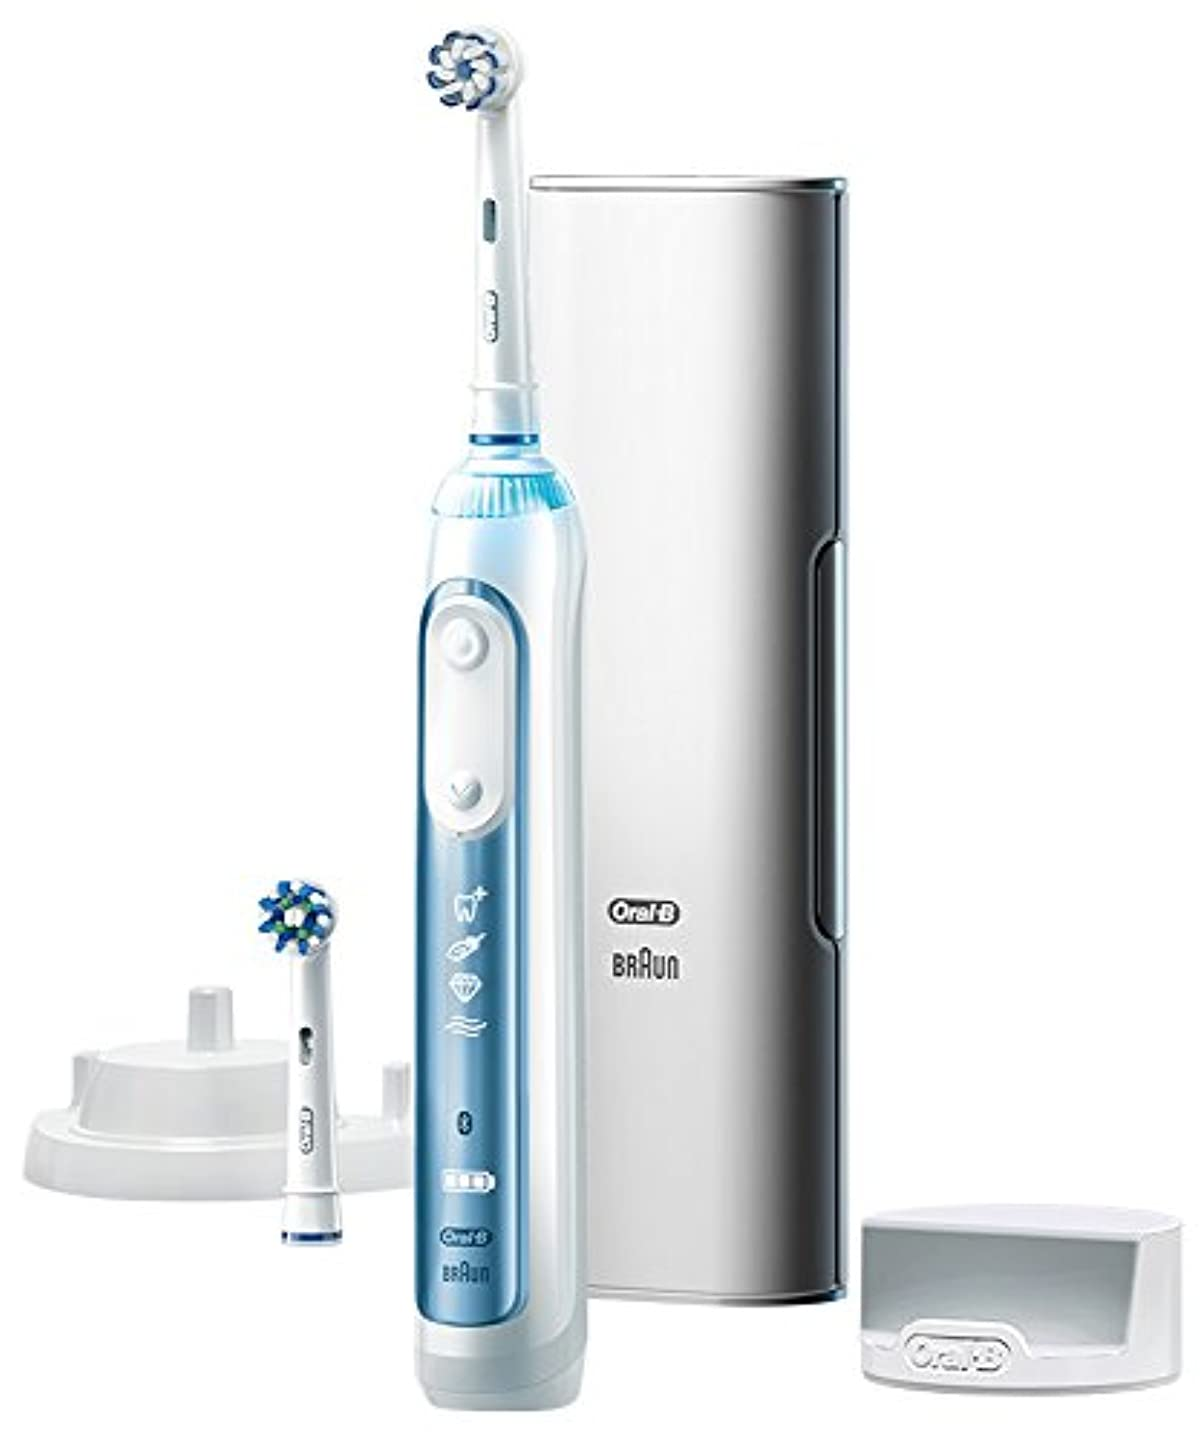 生産的否定する悪意ブラウン オーラルB 電動歯ブラシ スマート7000 D7005245XP D7005245XP